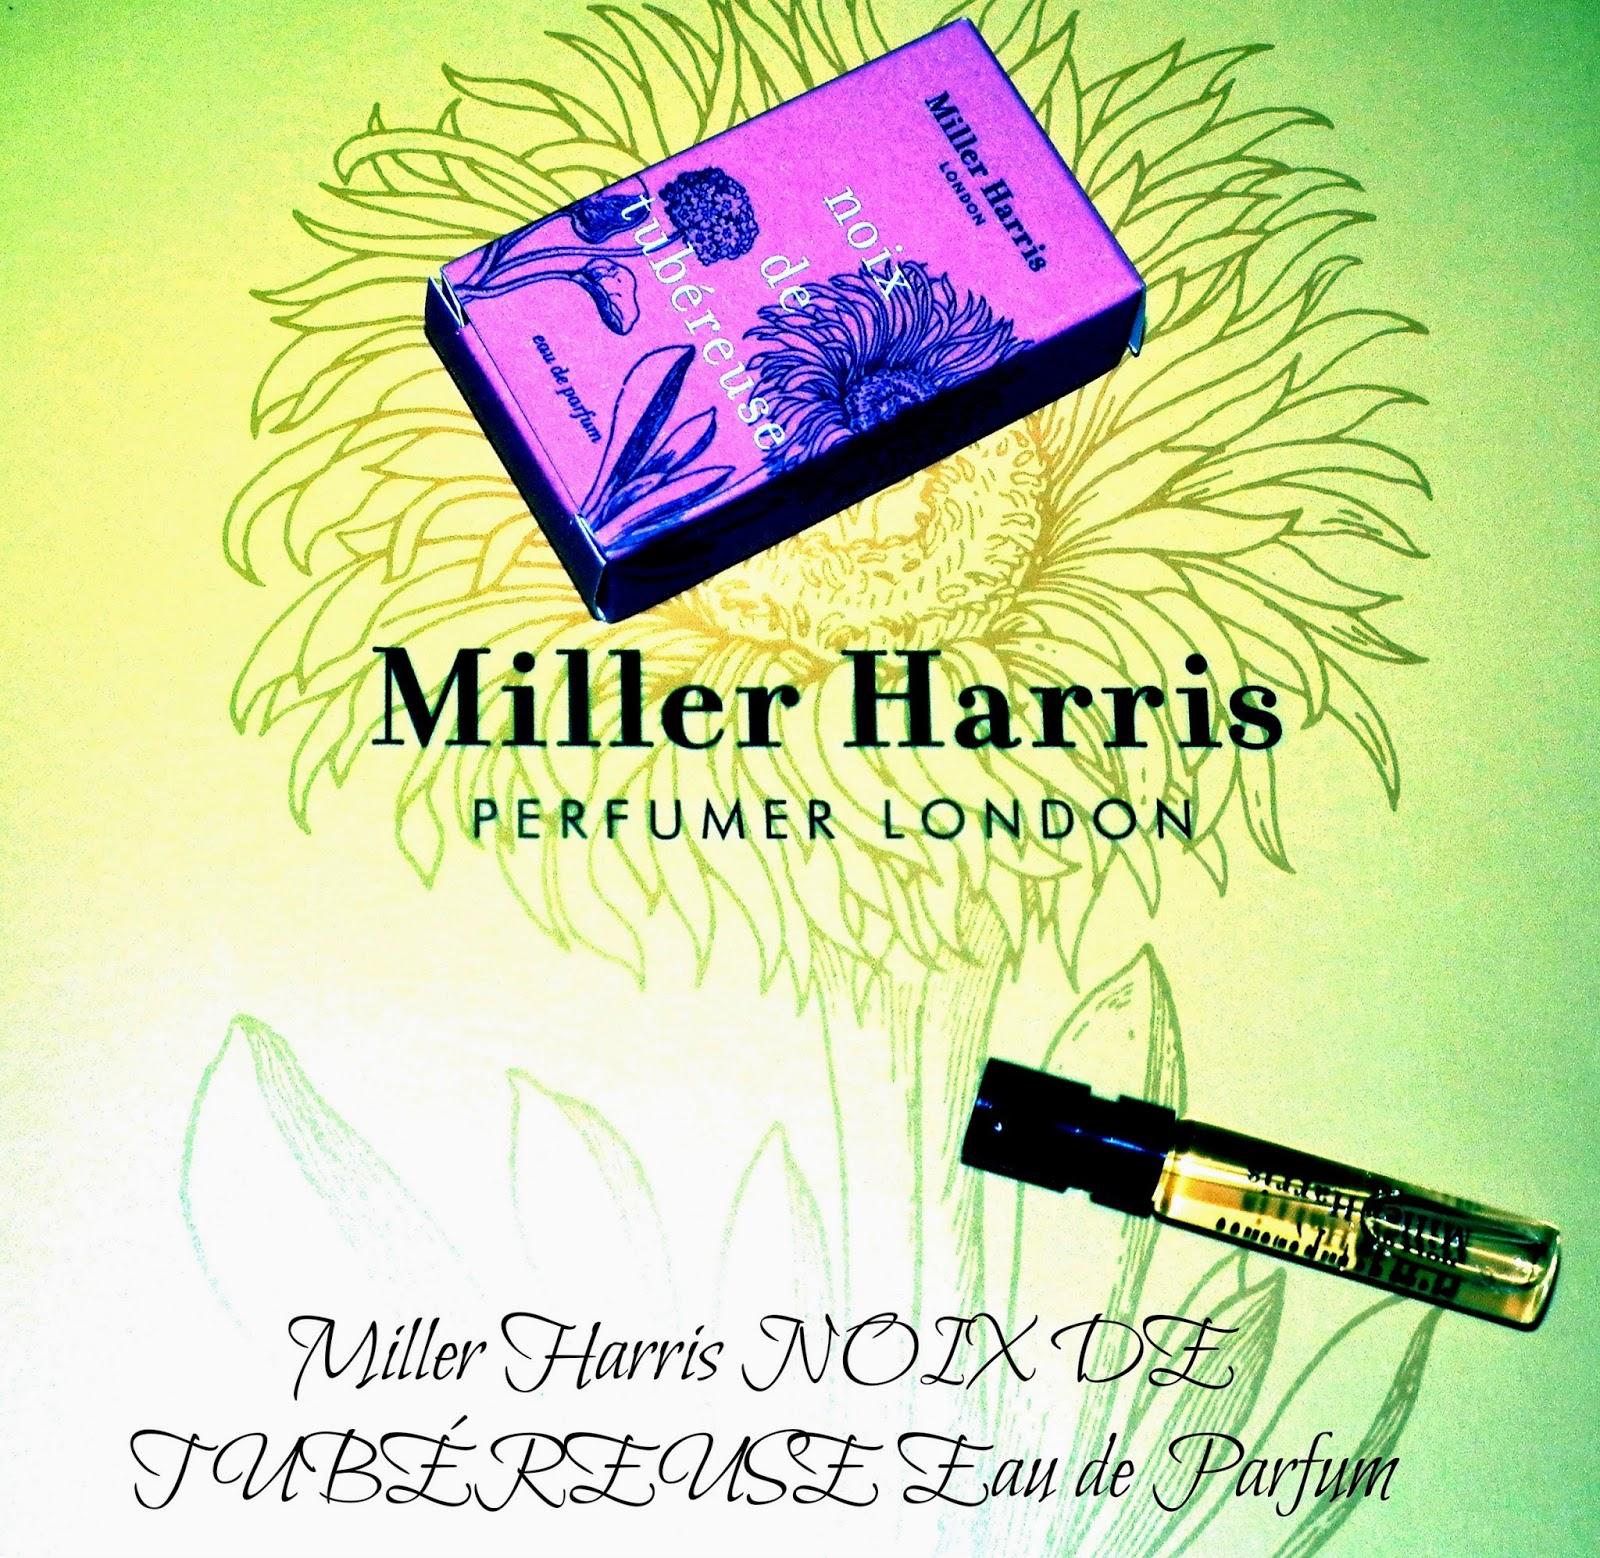 Miller Harris NOIX DE TUBÉREUSE Eau de Parfum Reviews